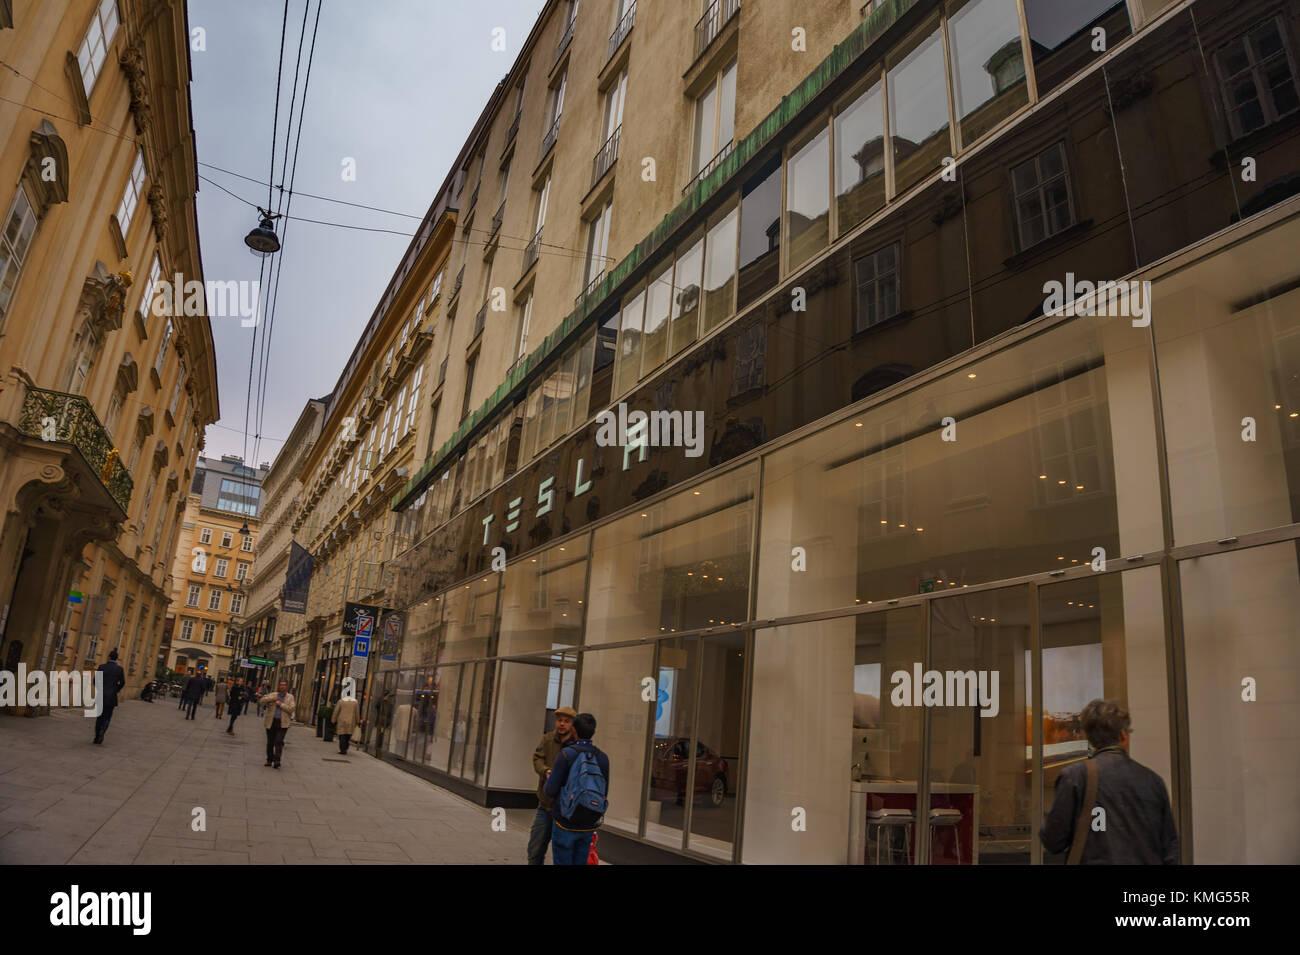 Advanced Retail Technology Stock Photos & Advanced Retail ...